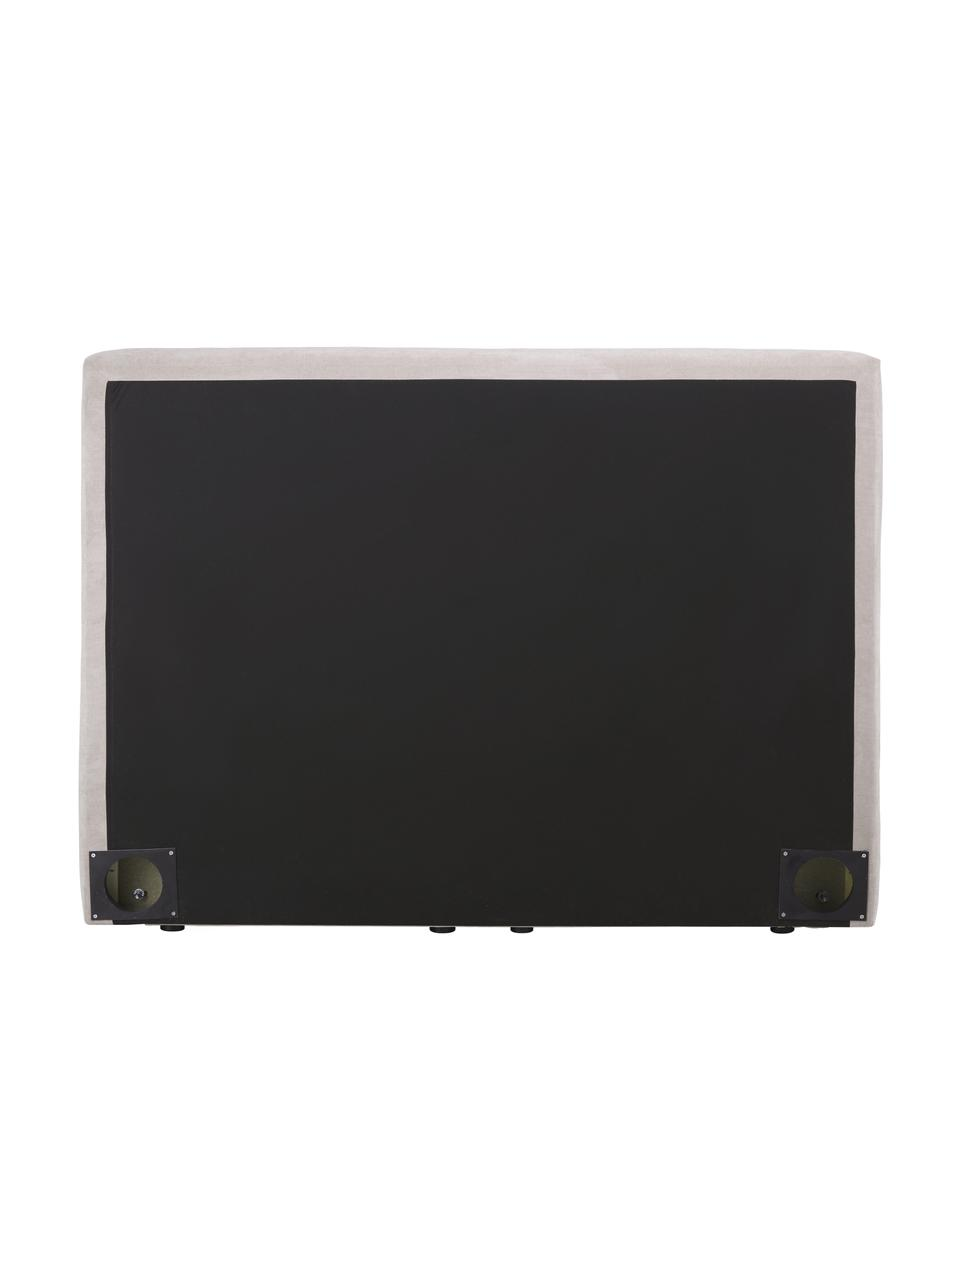 Letto boxspring in tessuto beige scuro con contenitore Oberon, Materasso: nucleo a 5 zone di molle , Piedini: plastica, Tessuto beige scuro, 200 x 200 cm